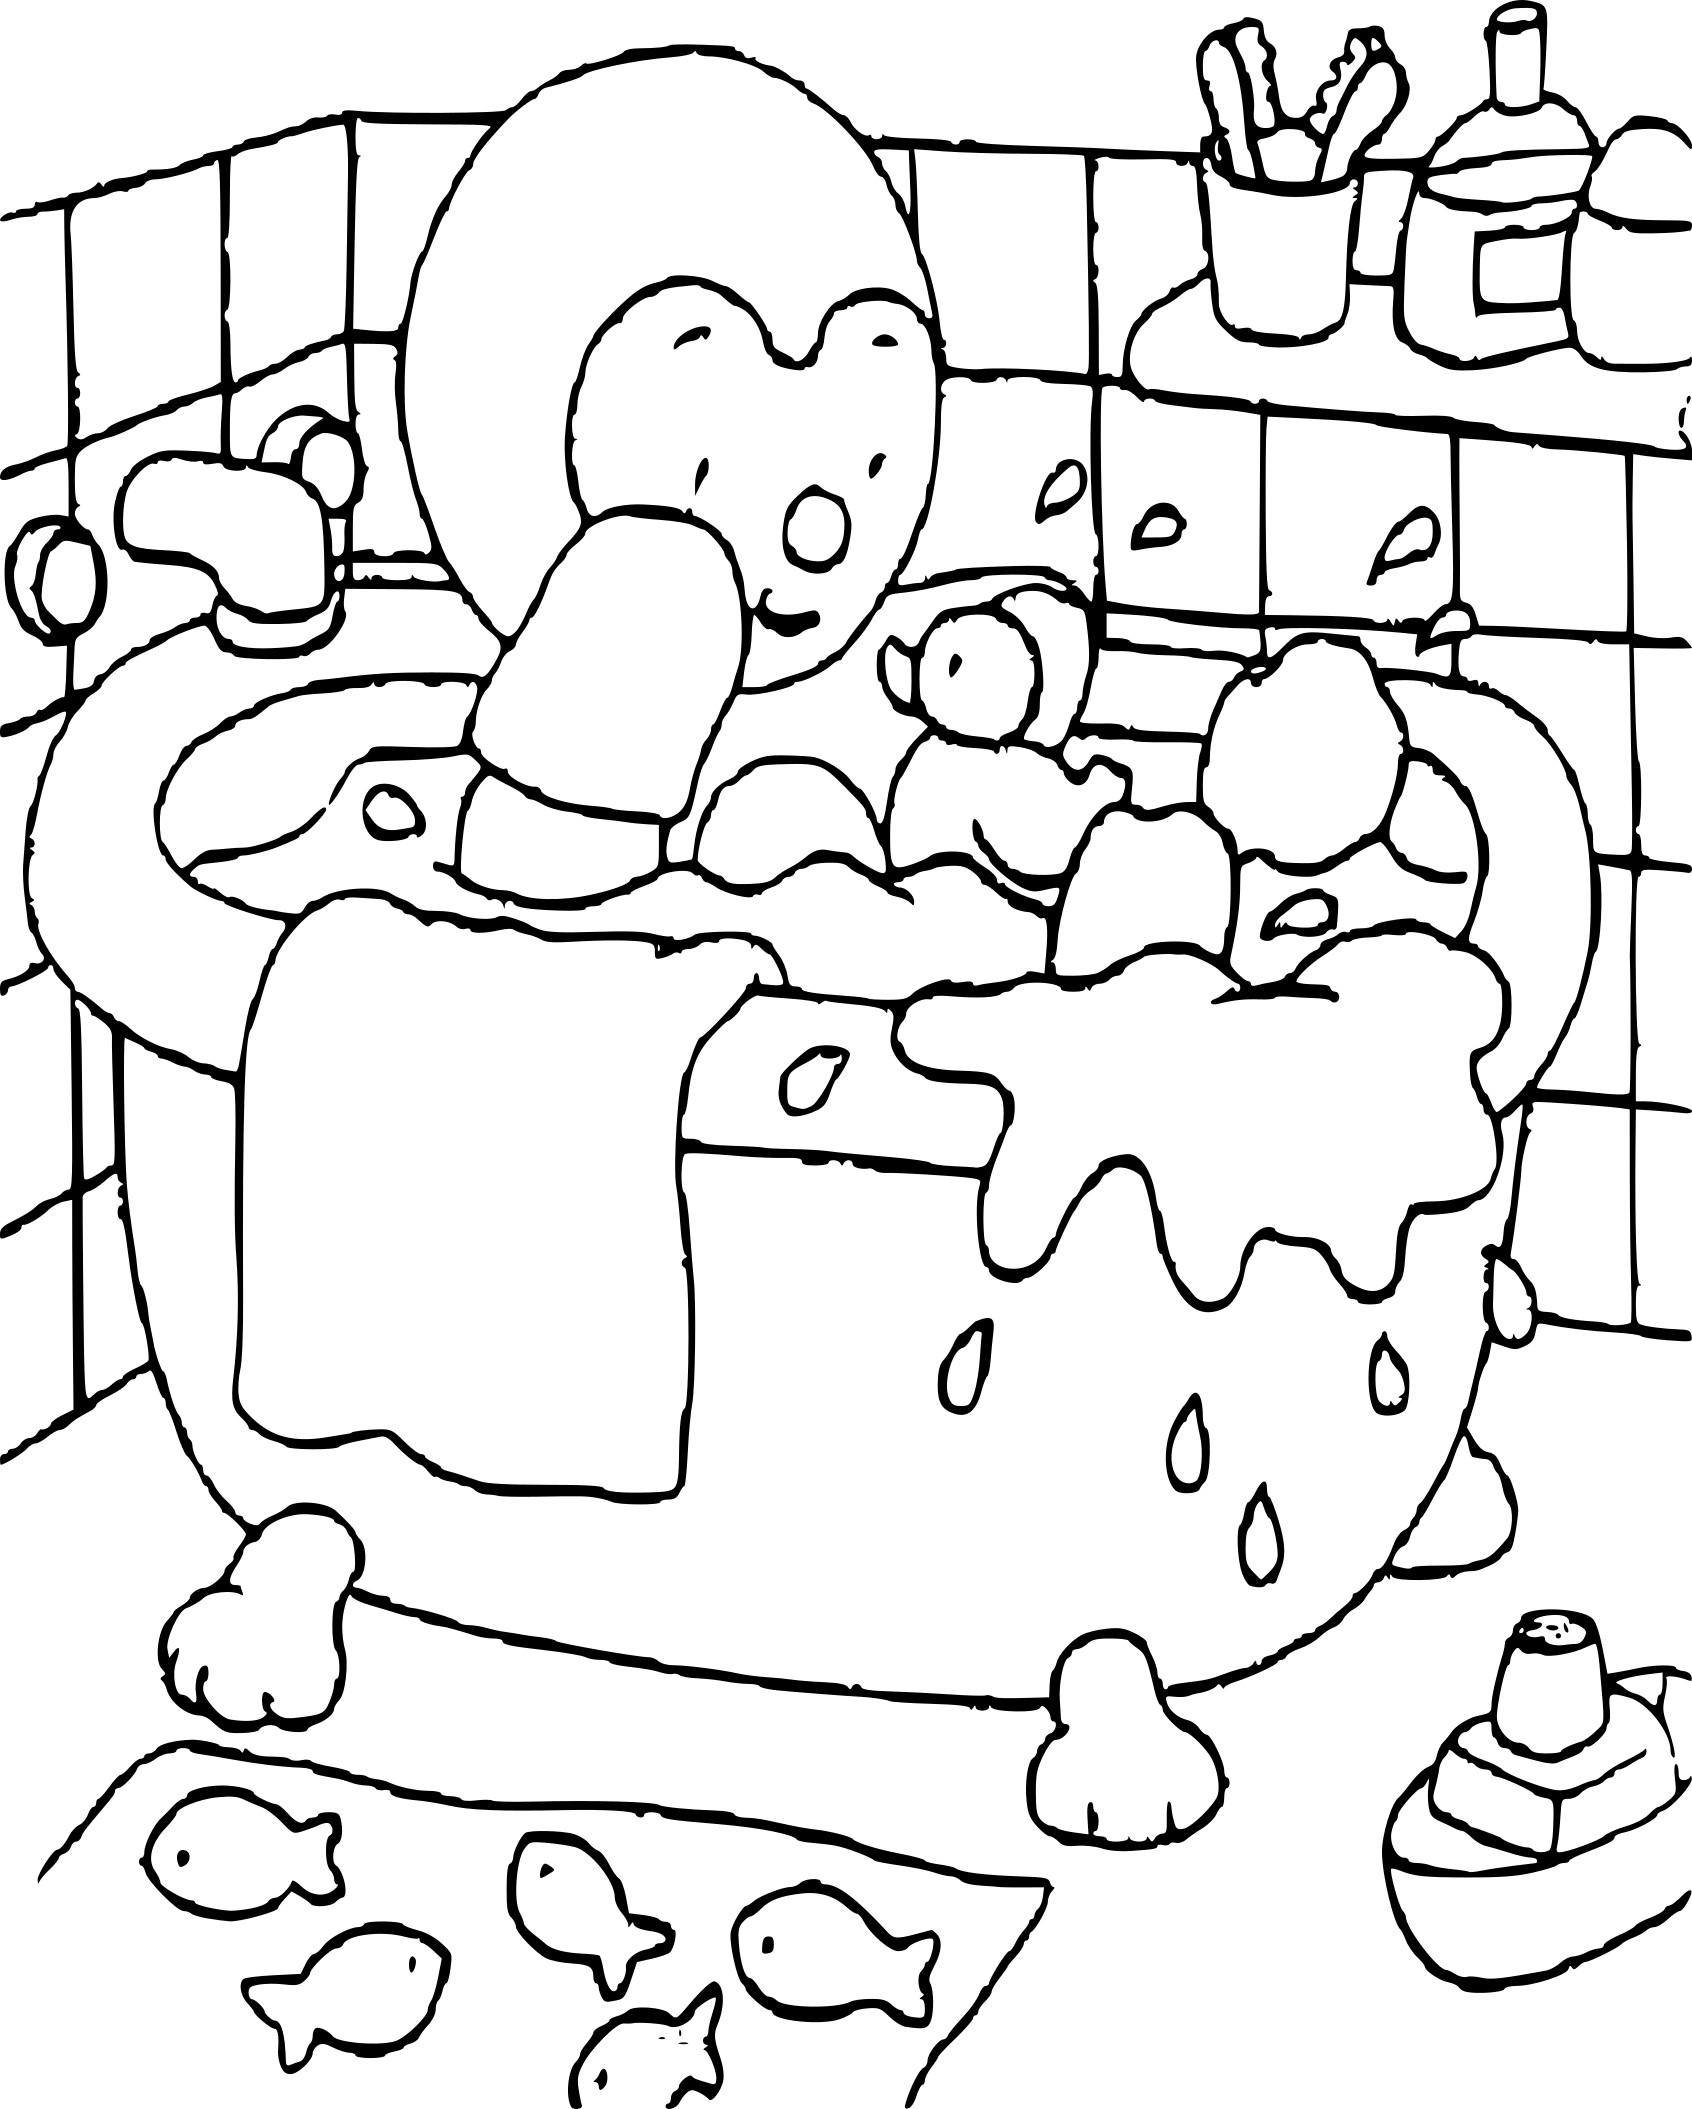 Coloriage Tchoupi Salle De Bain À Imprimer Sur Coloriages avec Coloriage De Tchoupi Et Doudou